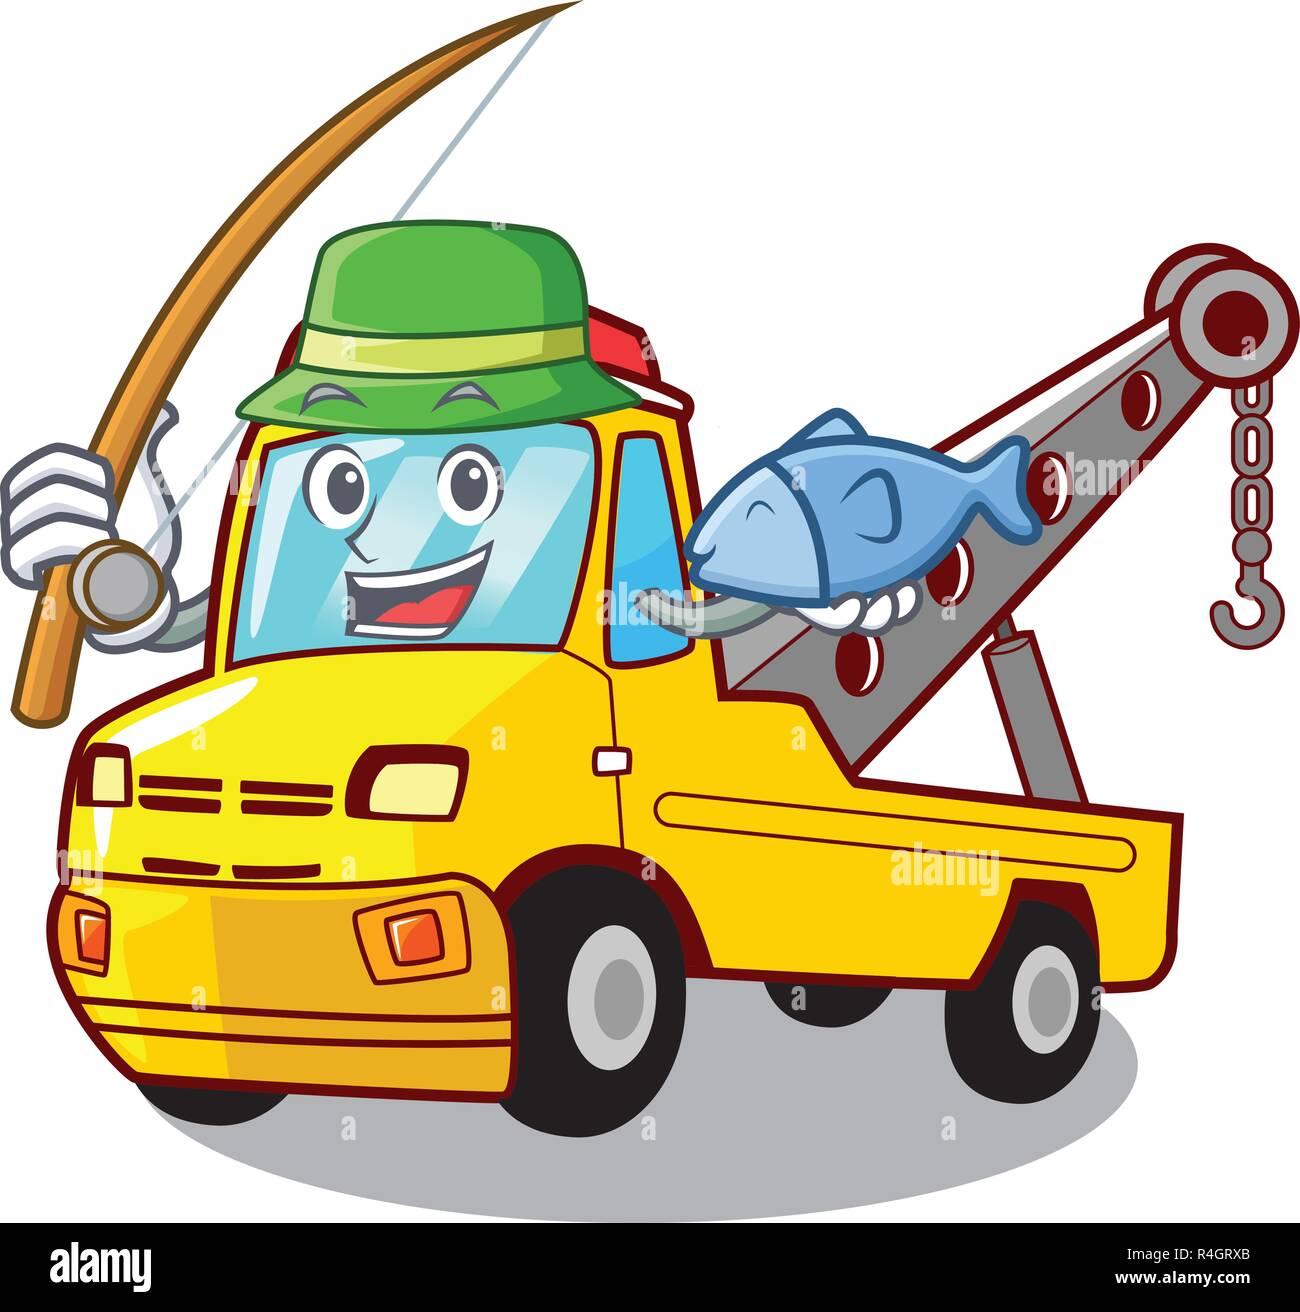 Transport de pêche sur le camion voiture dessin animé de remorquage Photo Stock